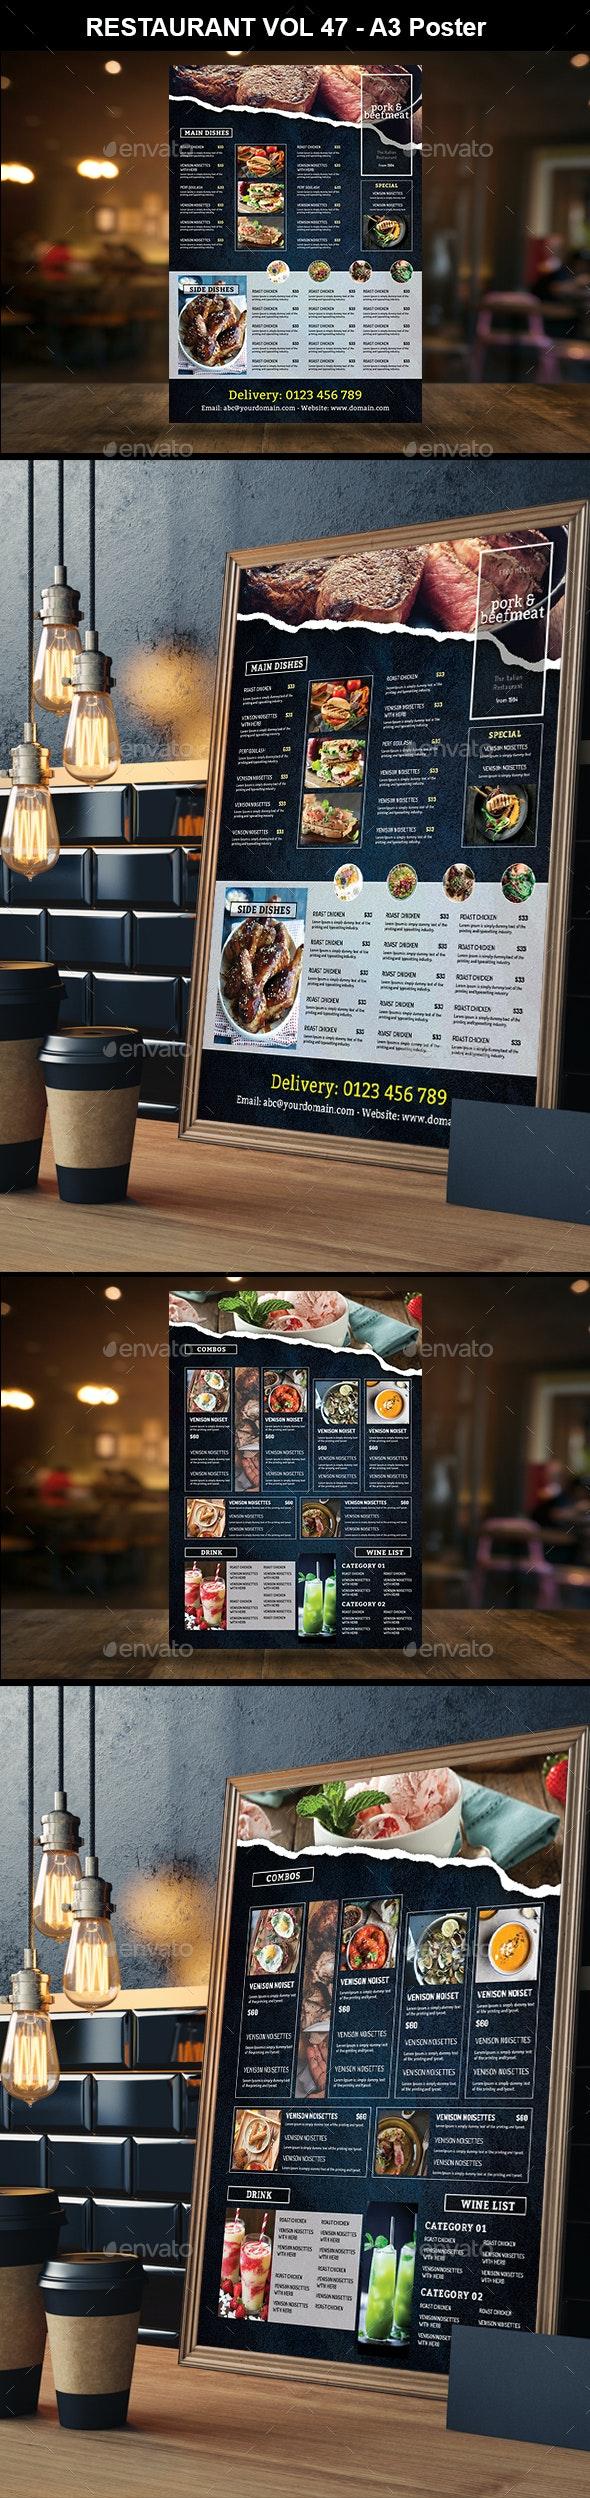 A3 Restaurant Menu Vol 51 - Food Menus Print Templates